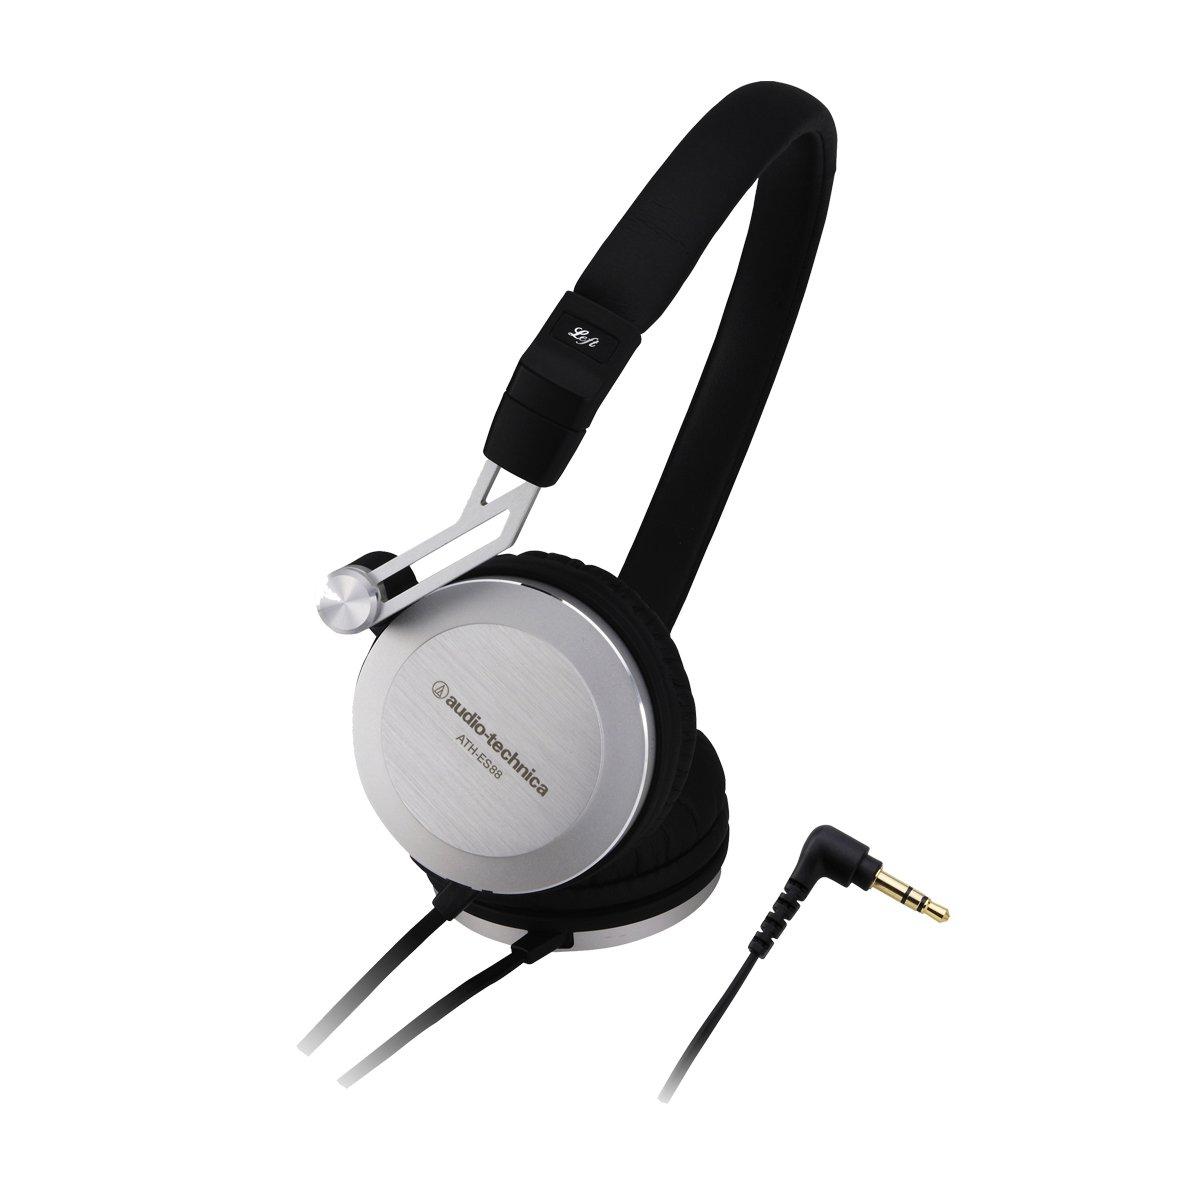 audio-technica EARSUIT 密閉型オンイヤーヘッドホン ポータブル アルミハウジング ATH-ES88